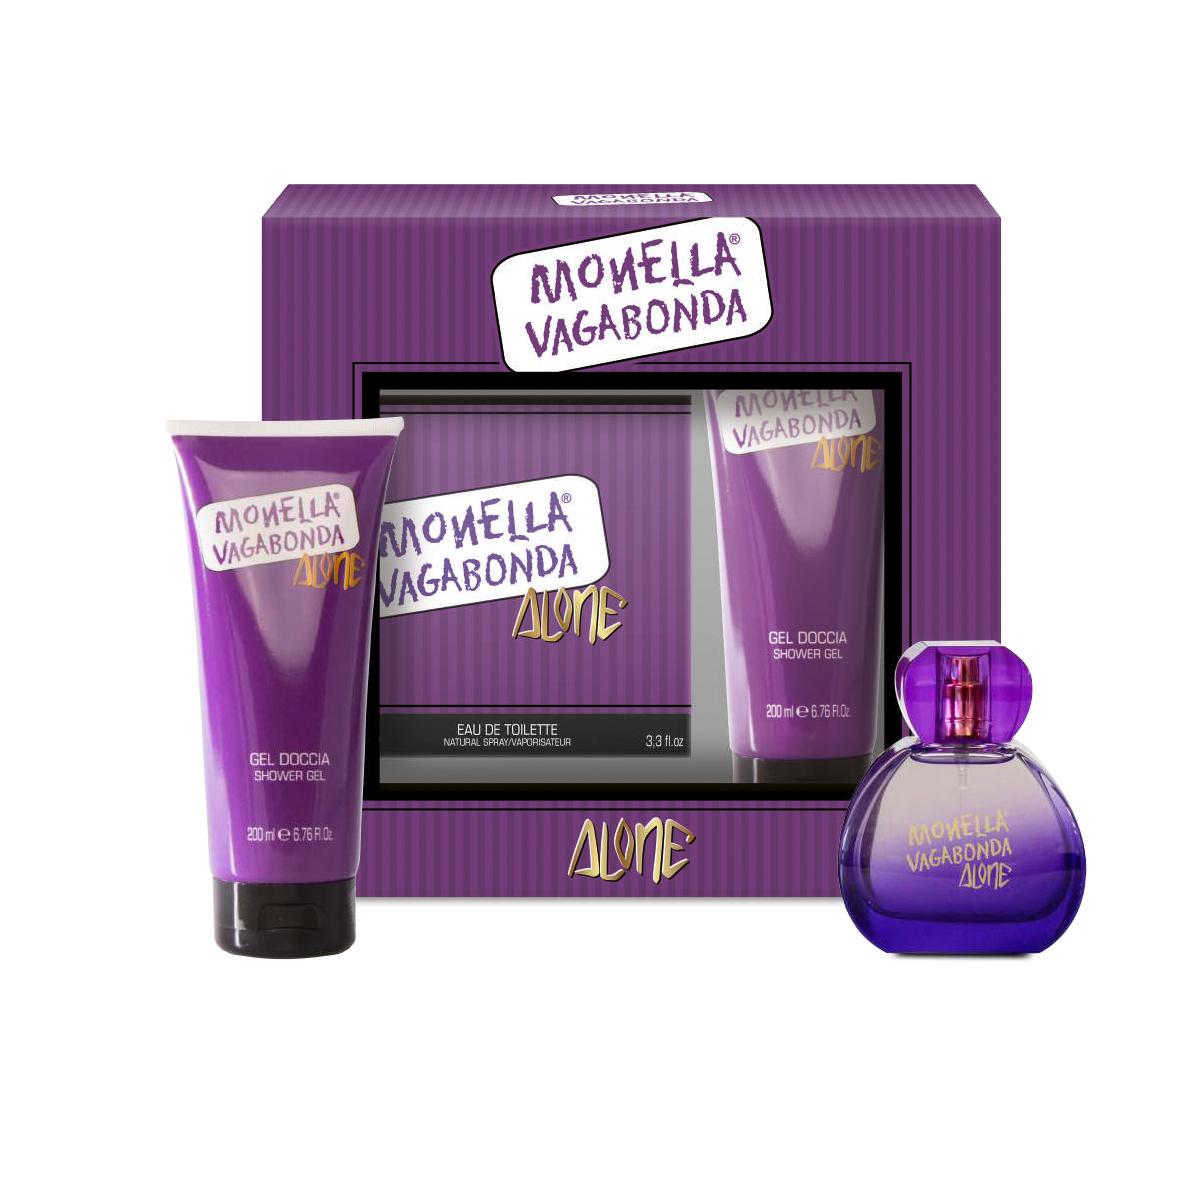 Gift set Monella Vagabonda Alone: shower gel e eau de toilette